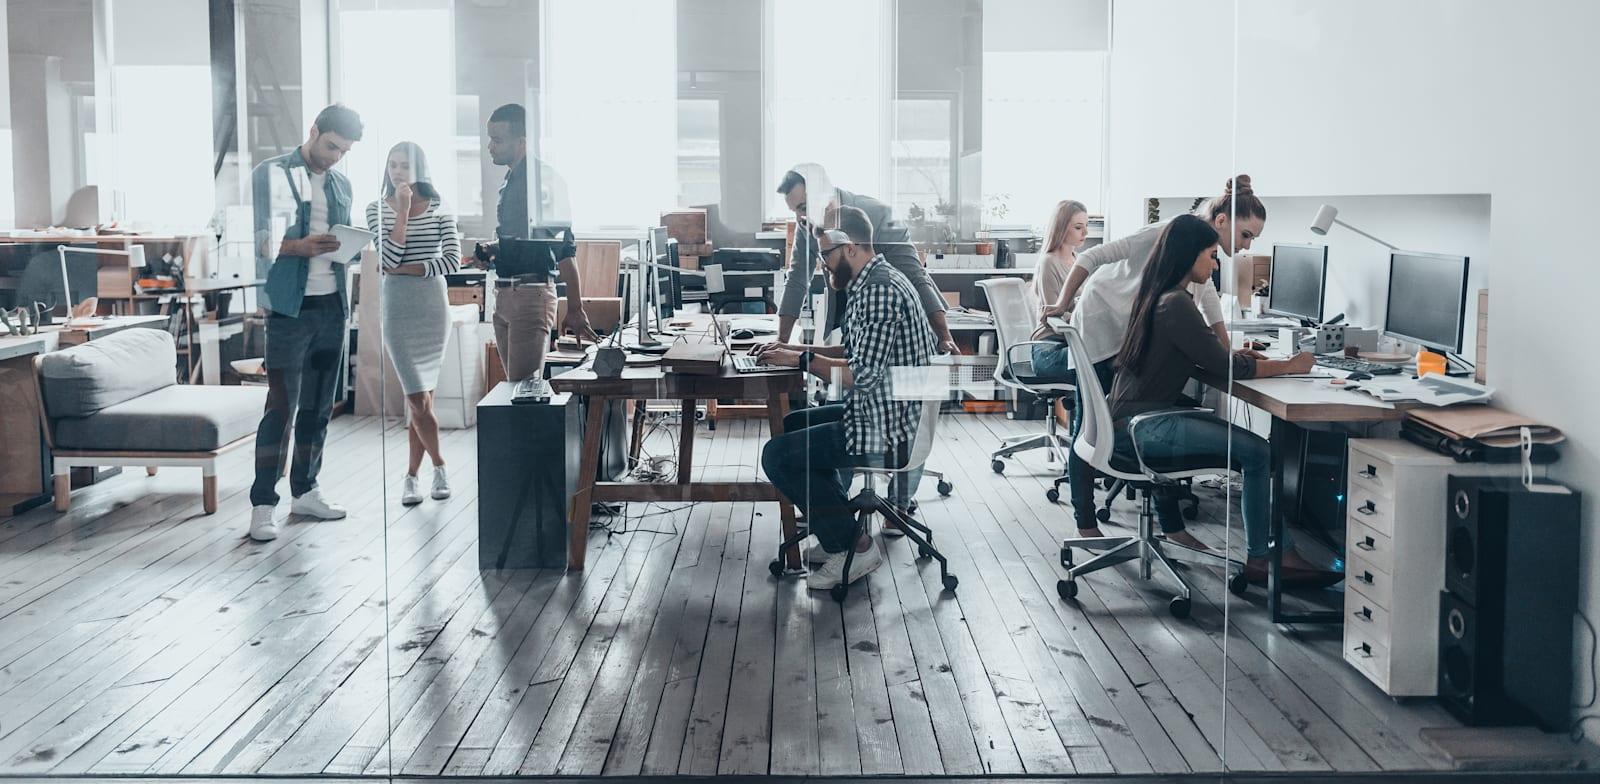 צריך לדאוג לשילוב של עובדים עם מוגבלות בשוק העבודה / צילום: Shutterstock